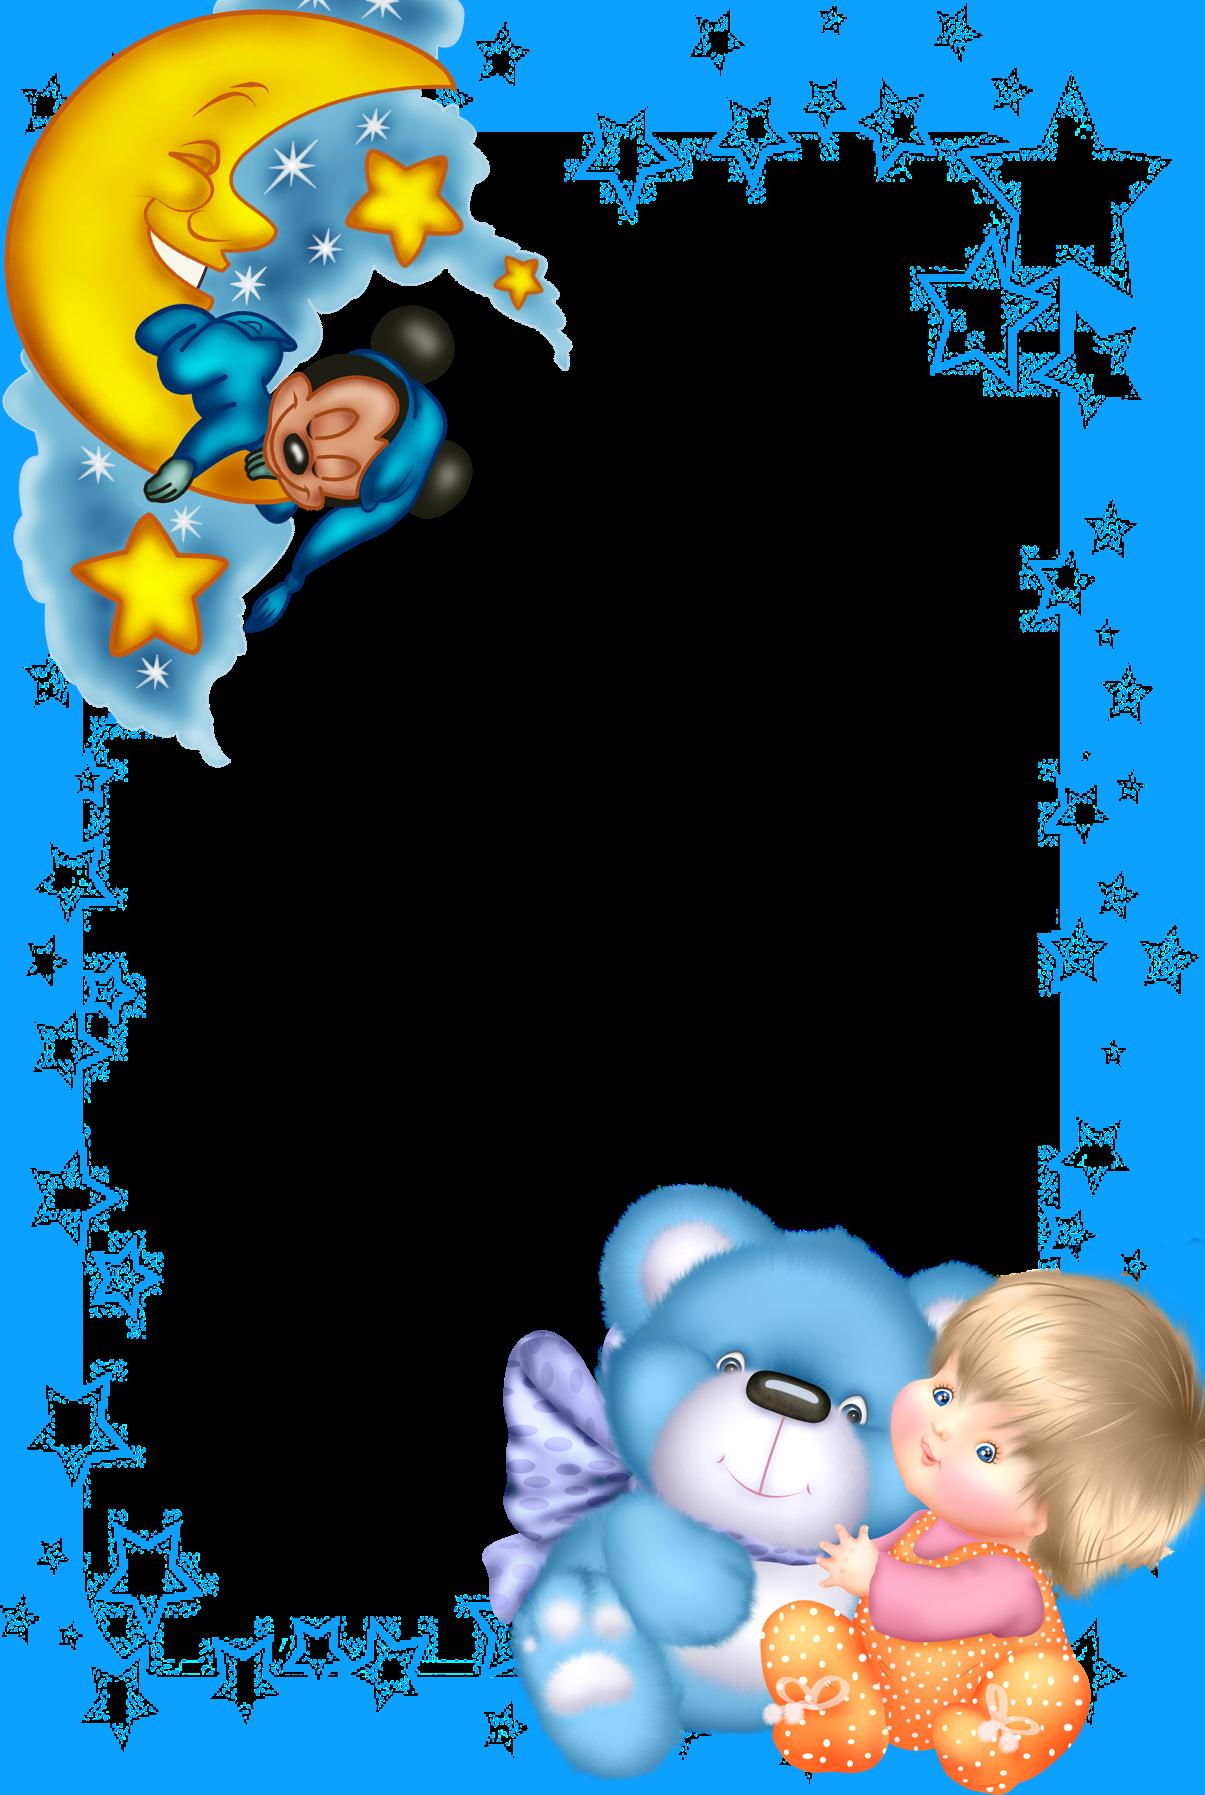 Mewarnai Gambar Spongebob Squarepants Untuk Anak Anak Bayi Dalam